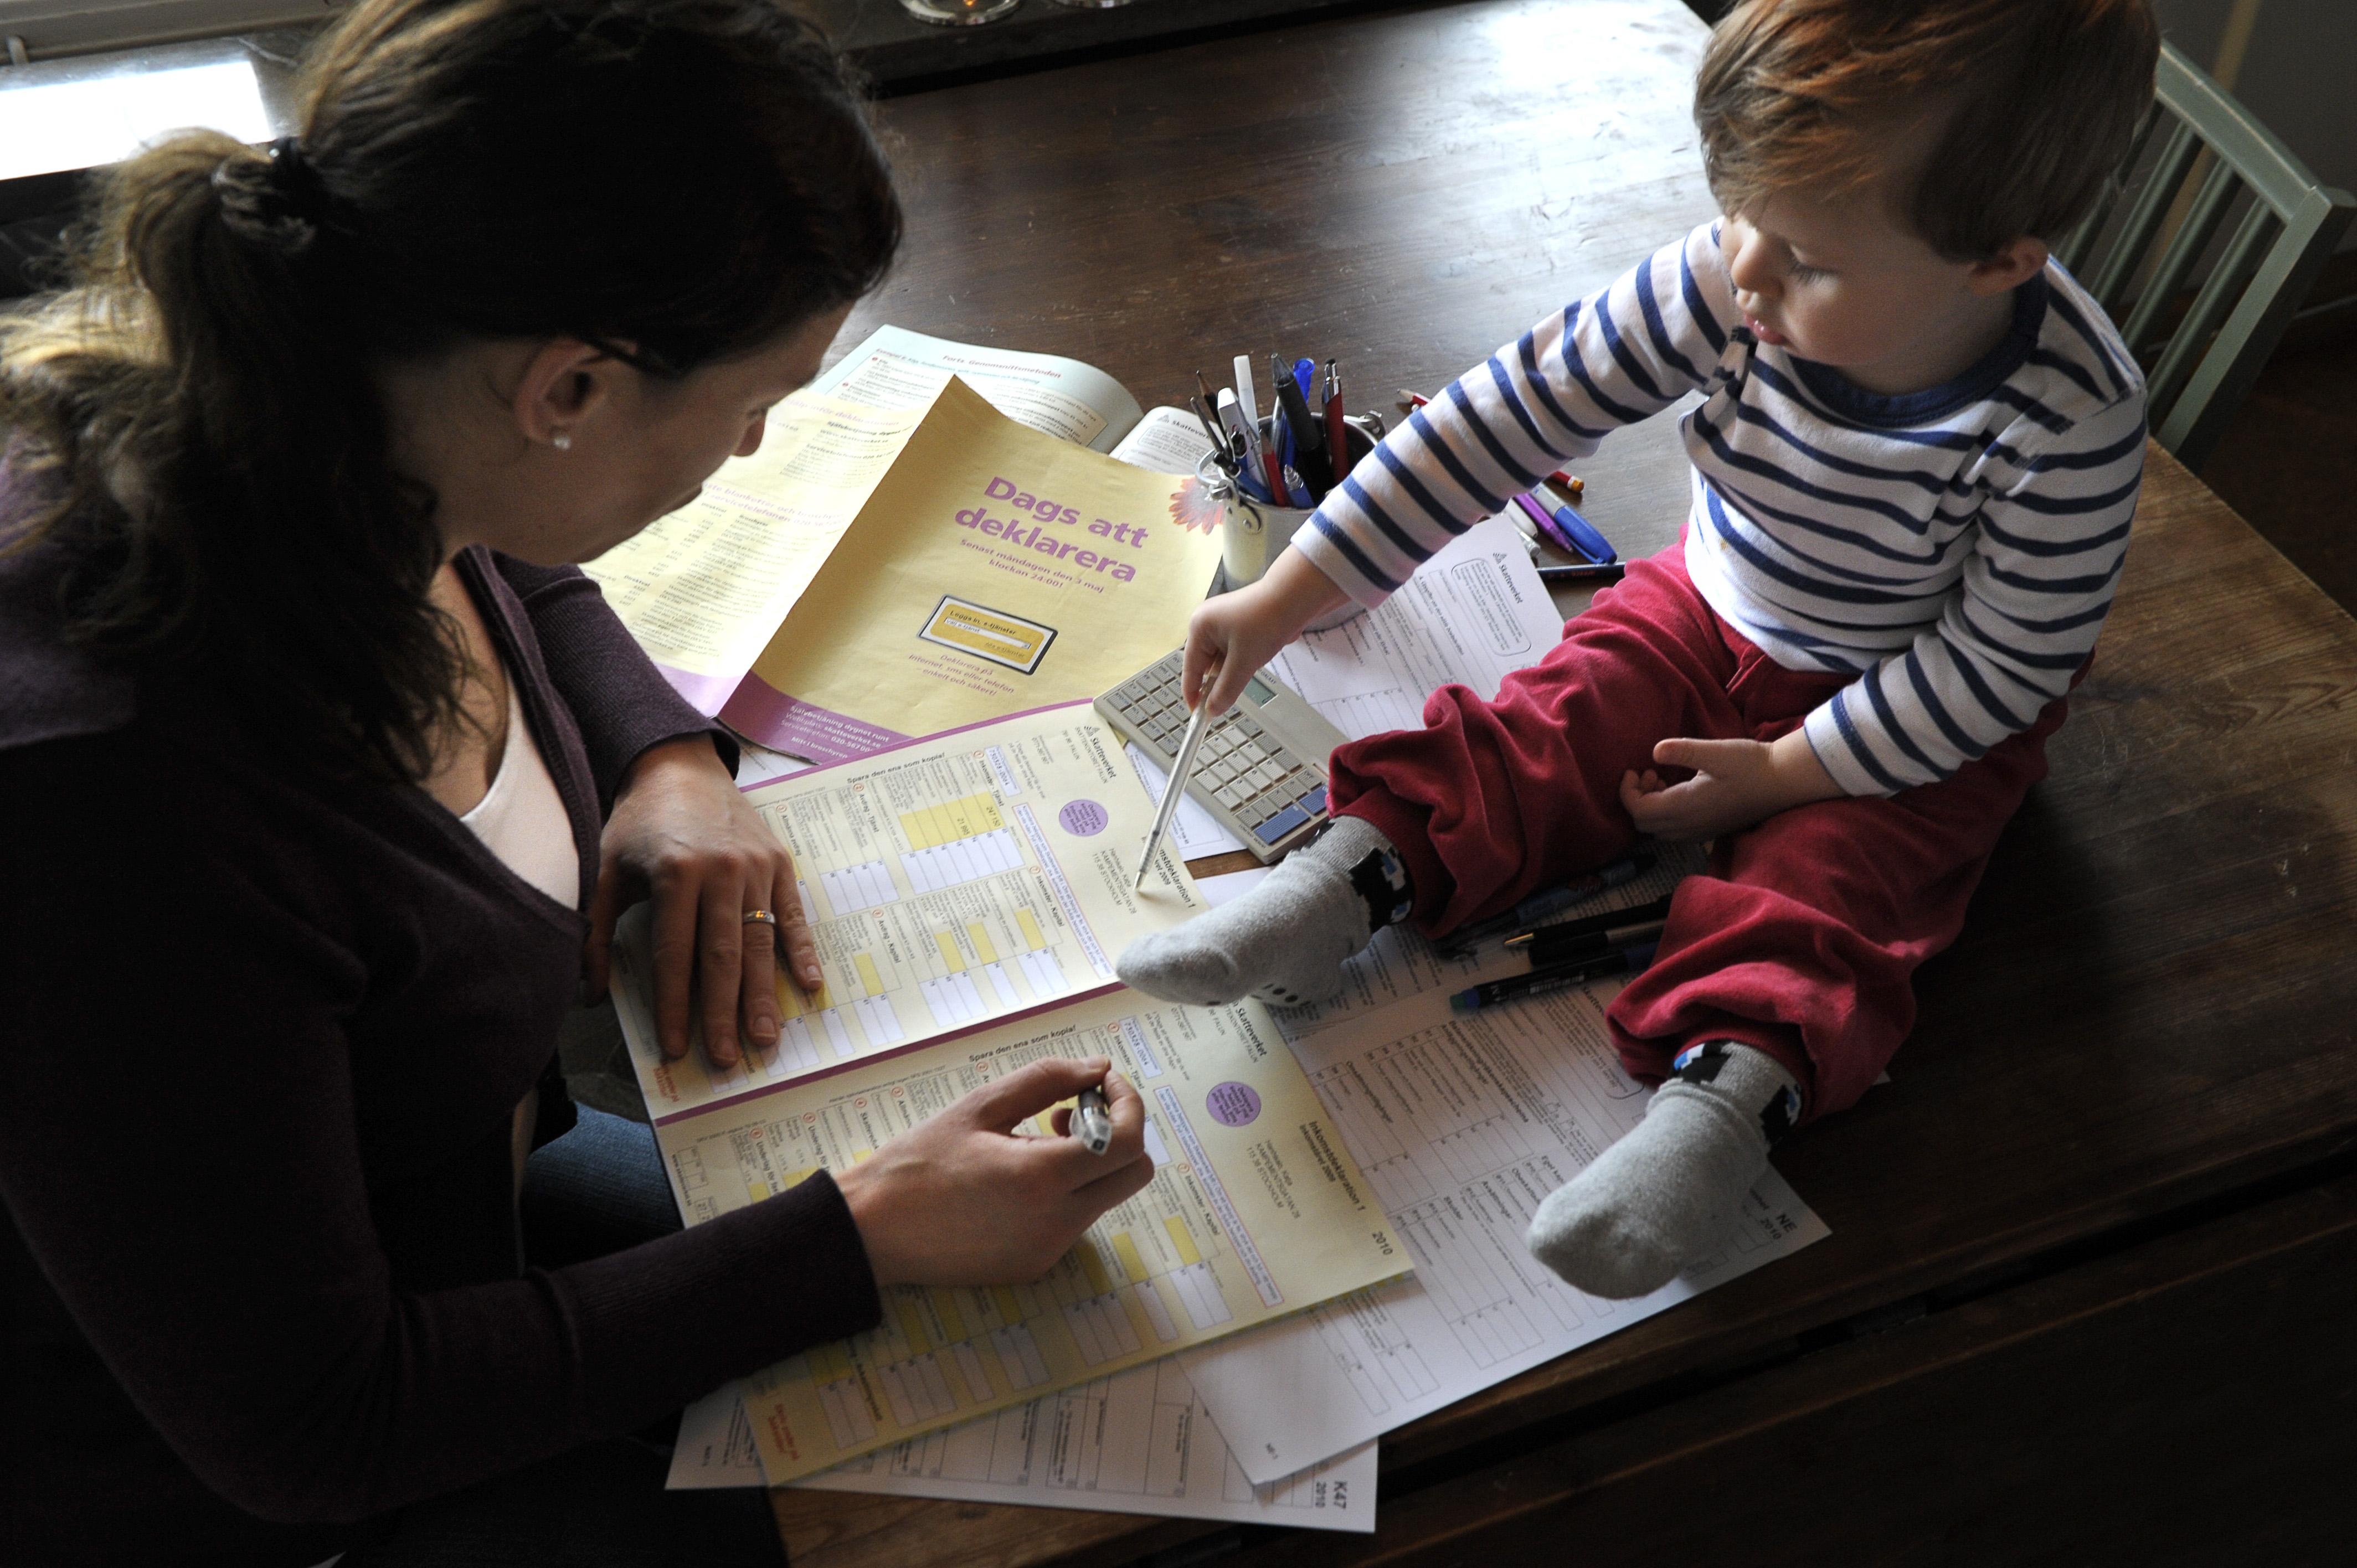 Usa svenskar leder inkomstligan